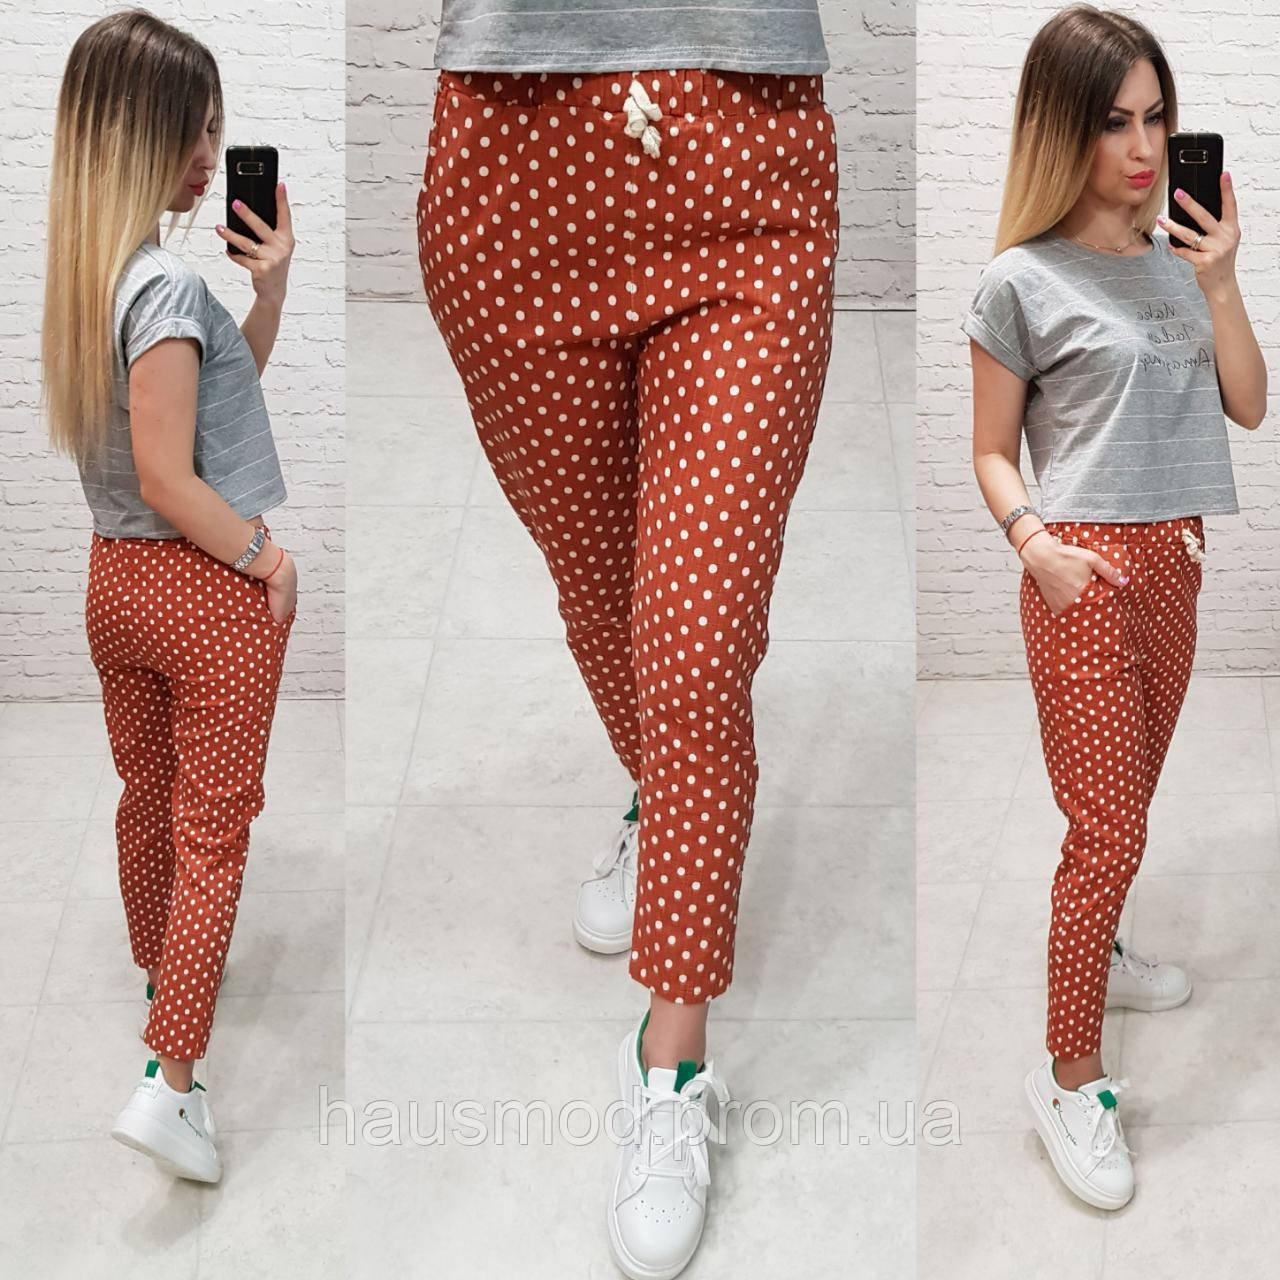 Женские брюки укороченные горох ткань лен посадка талия завышенная цвет оранжевый